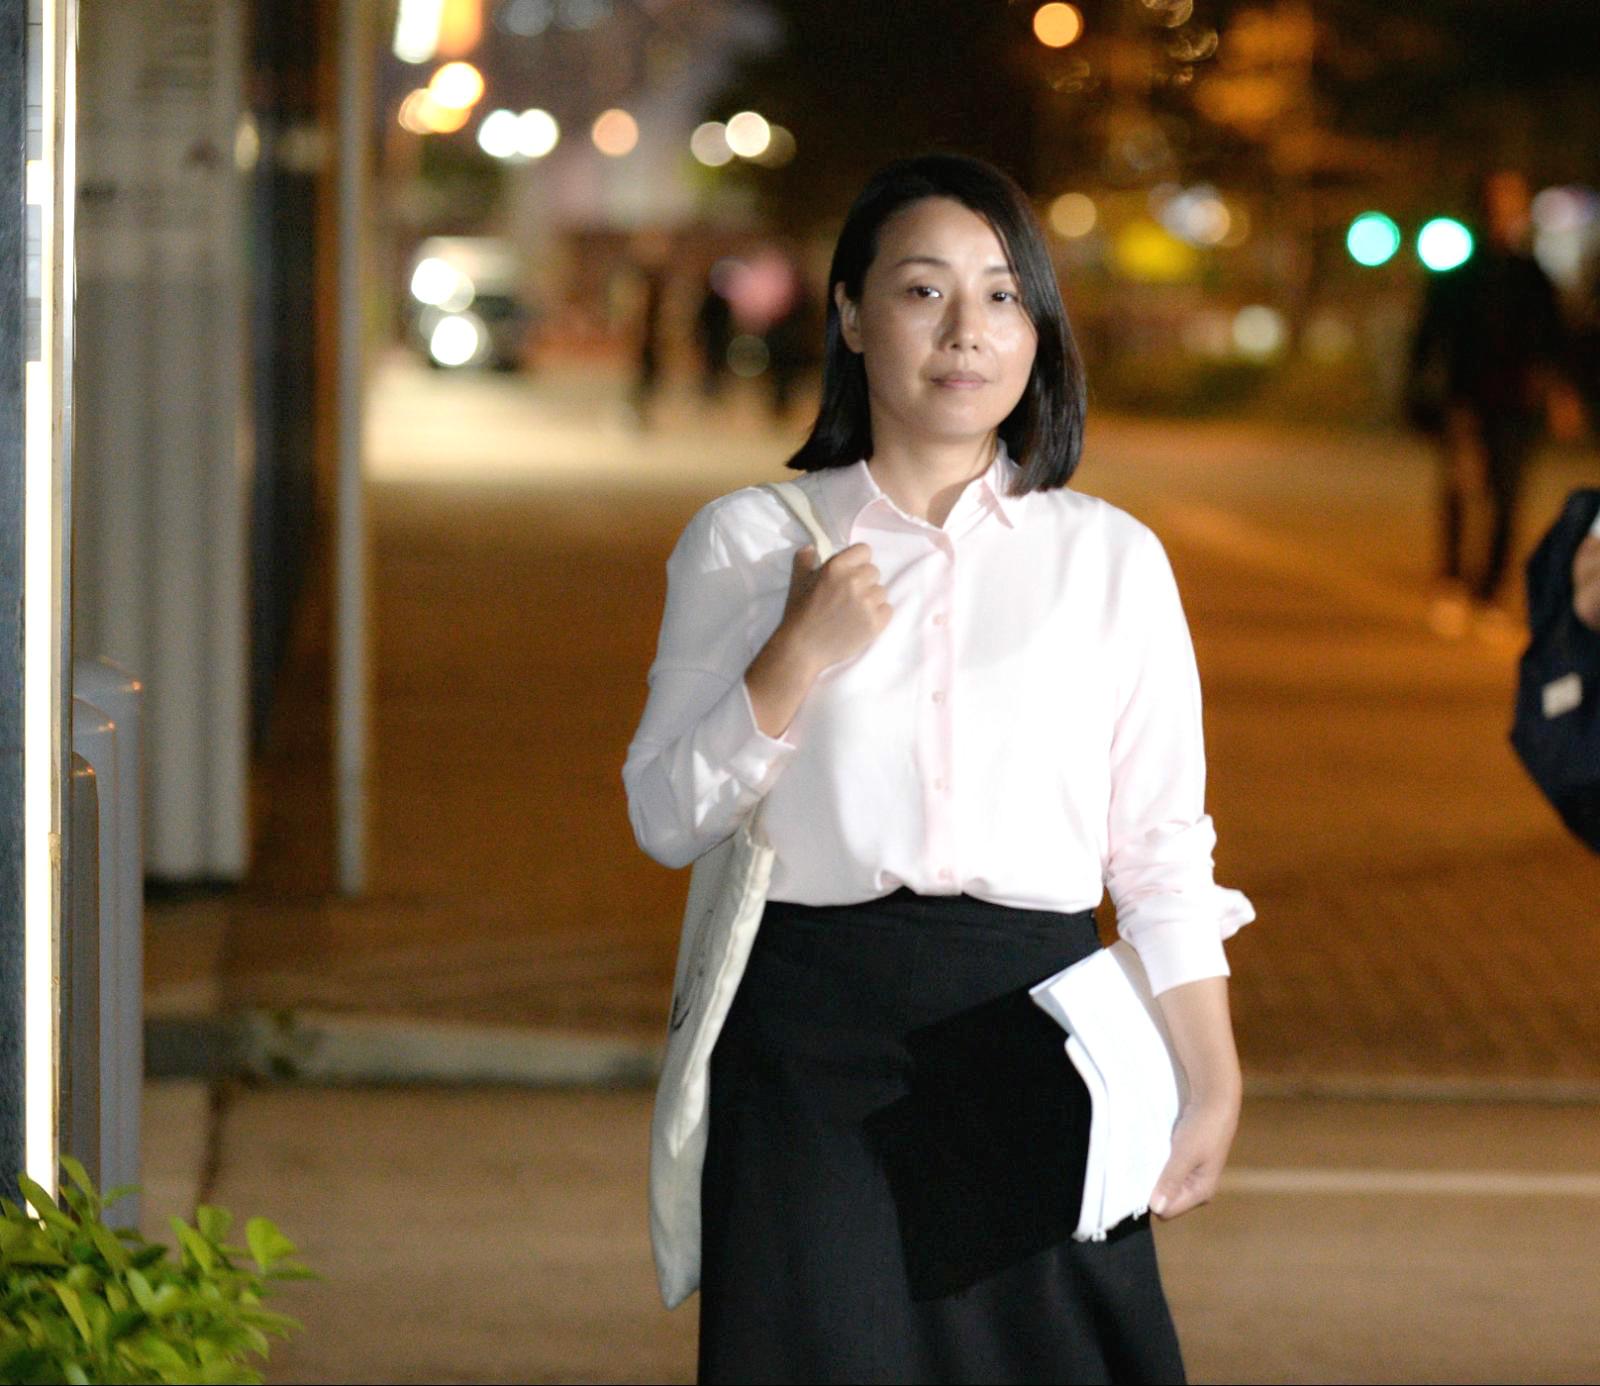 劉小麗強調自己無機會辯解。